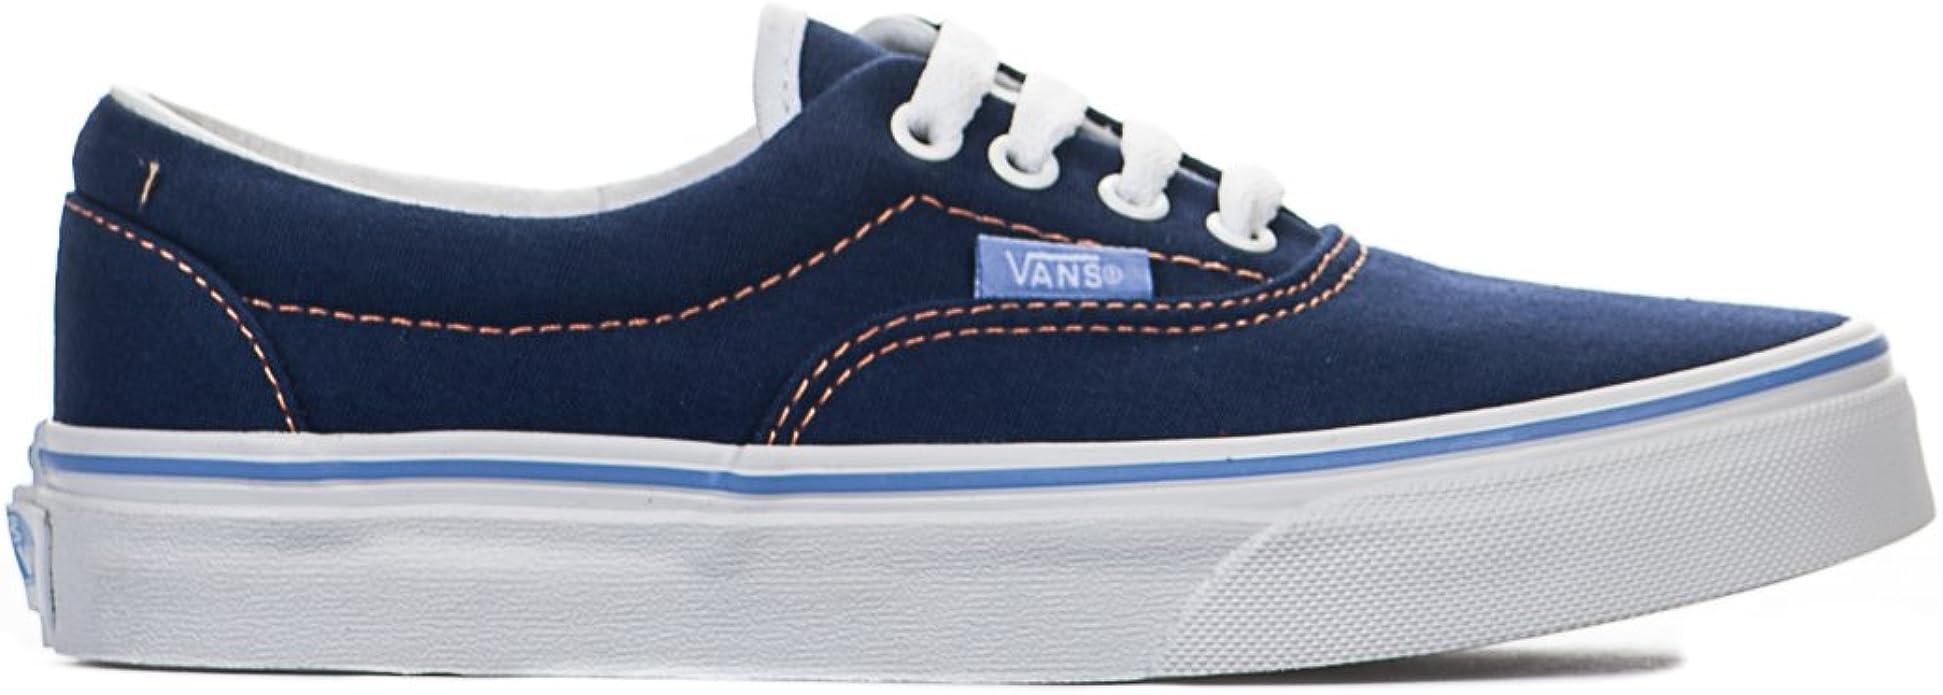 Vans Baskets Fille Bleu Marine - 32: Amazon.fr: Chaussures et Sacs